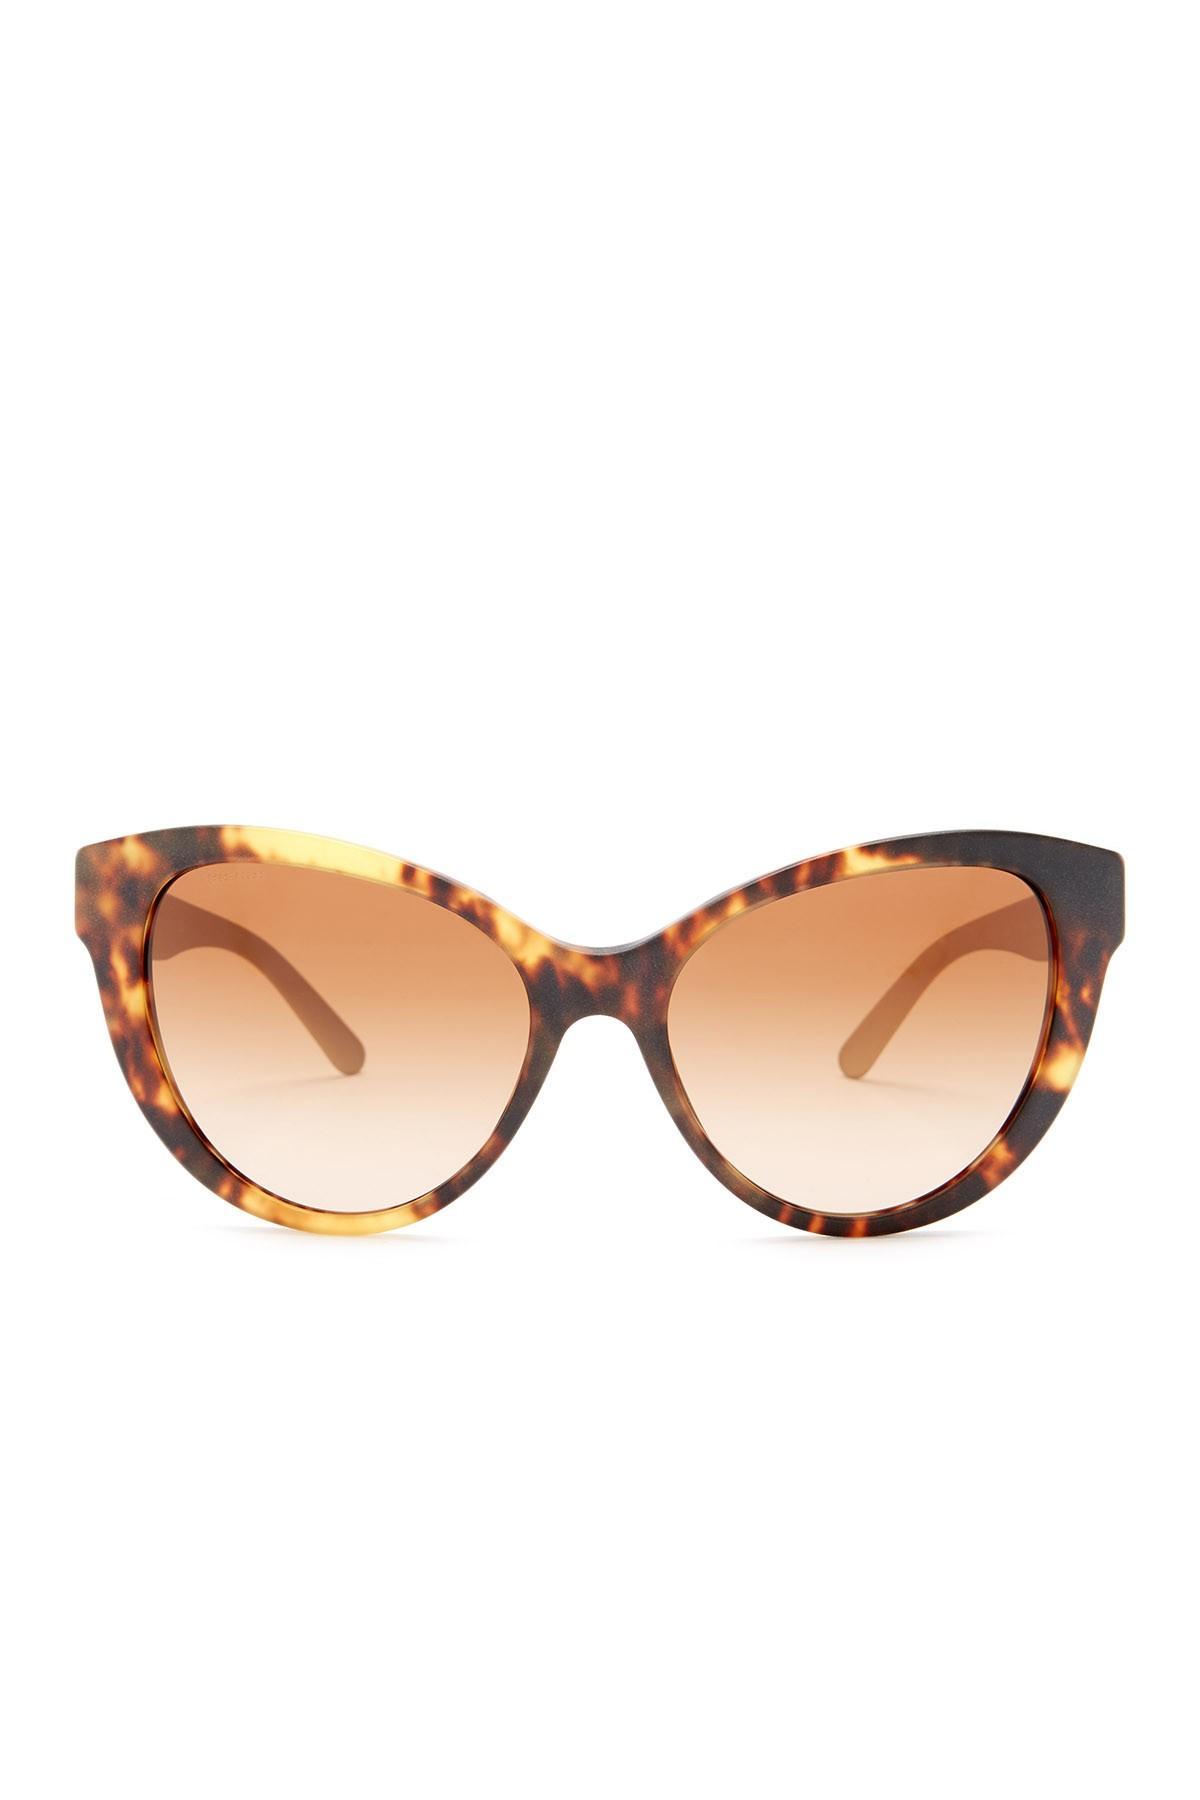 c071534da0a Lyst - Burberry Women s Cat Eye Acetate Frame Sunglasses in Brown